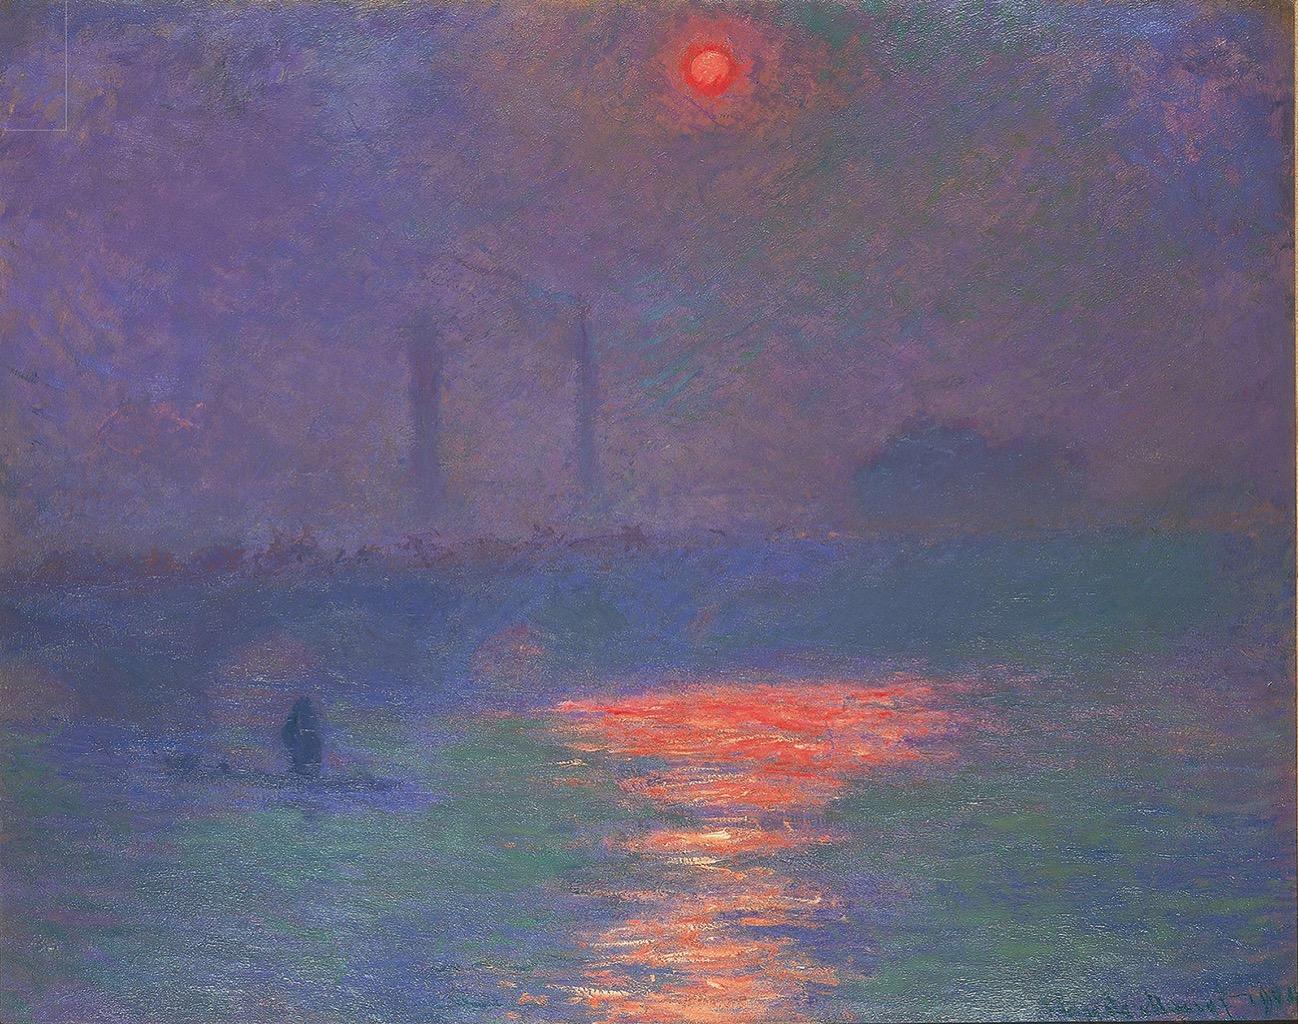 クロード・モネ《霧の中の太陽》1904年 個人蔵